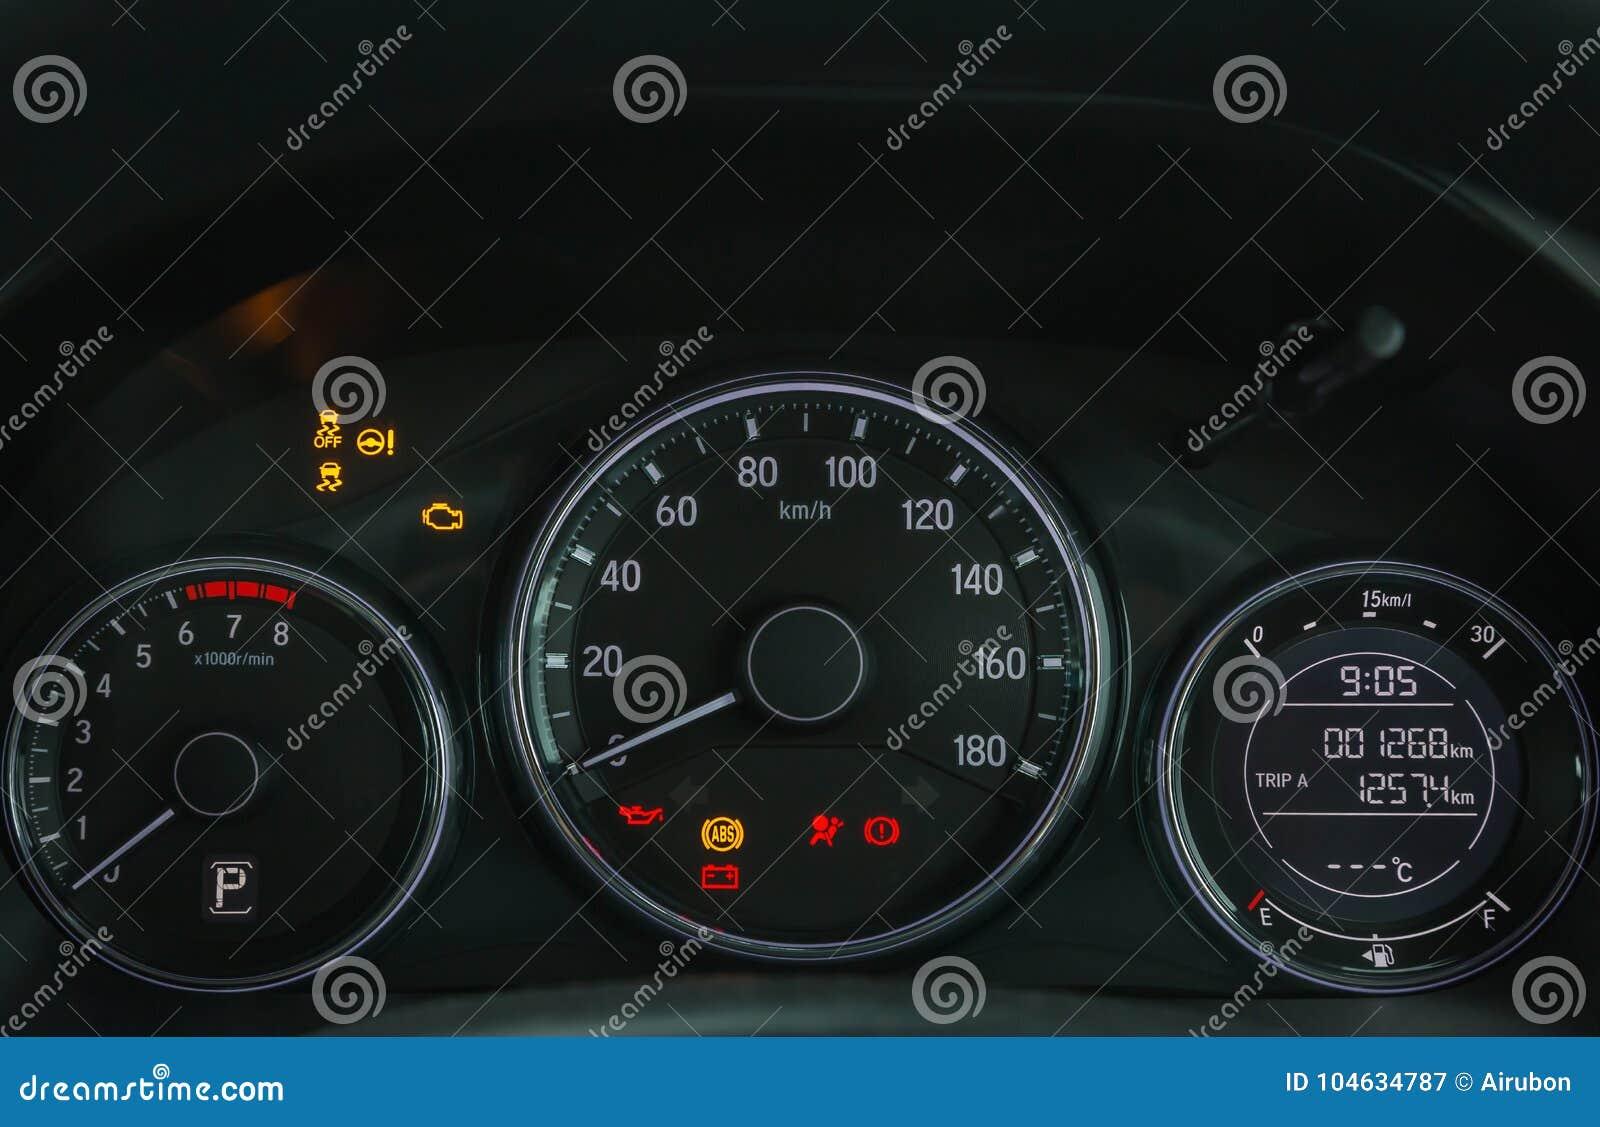 Download Van De Het Dashboardvertoning Van De Auto Tonen De Digitale Snelheidsmeter Verlichte De Waarschuwingslampen Alle Tekens Stock Afbeelding - Afbeelding bestaande uit geleid, kilometer: 104634787